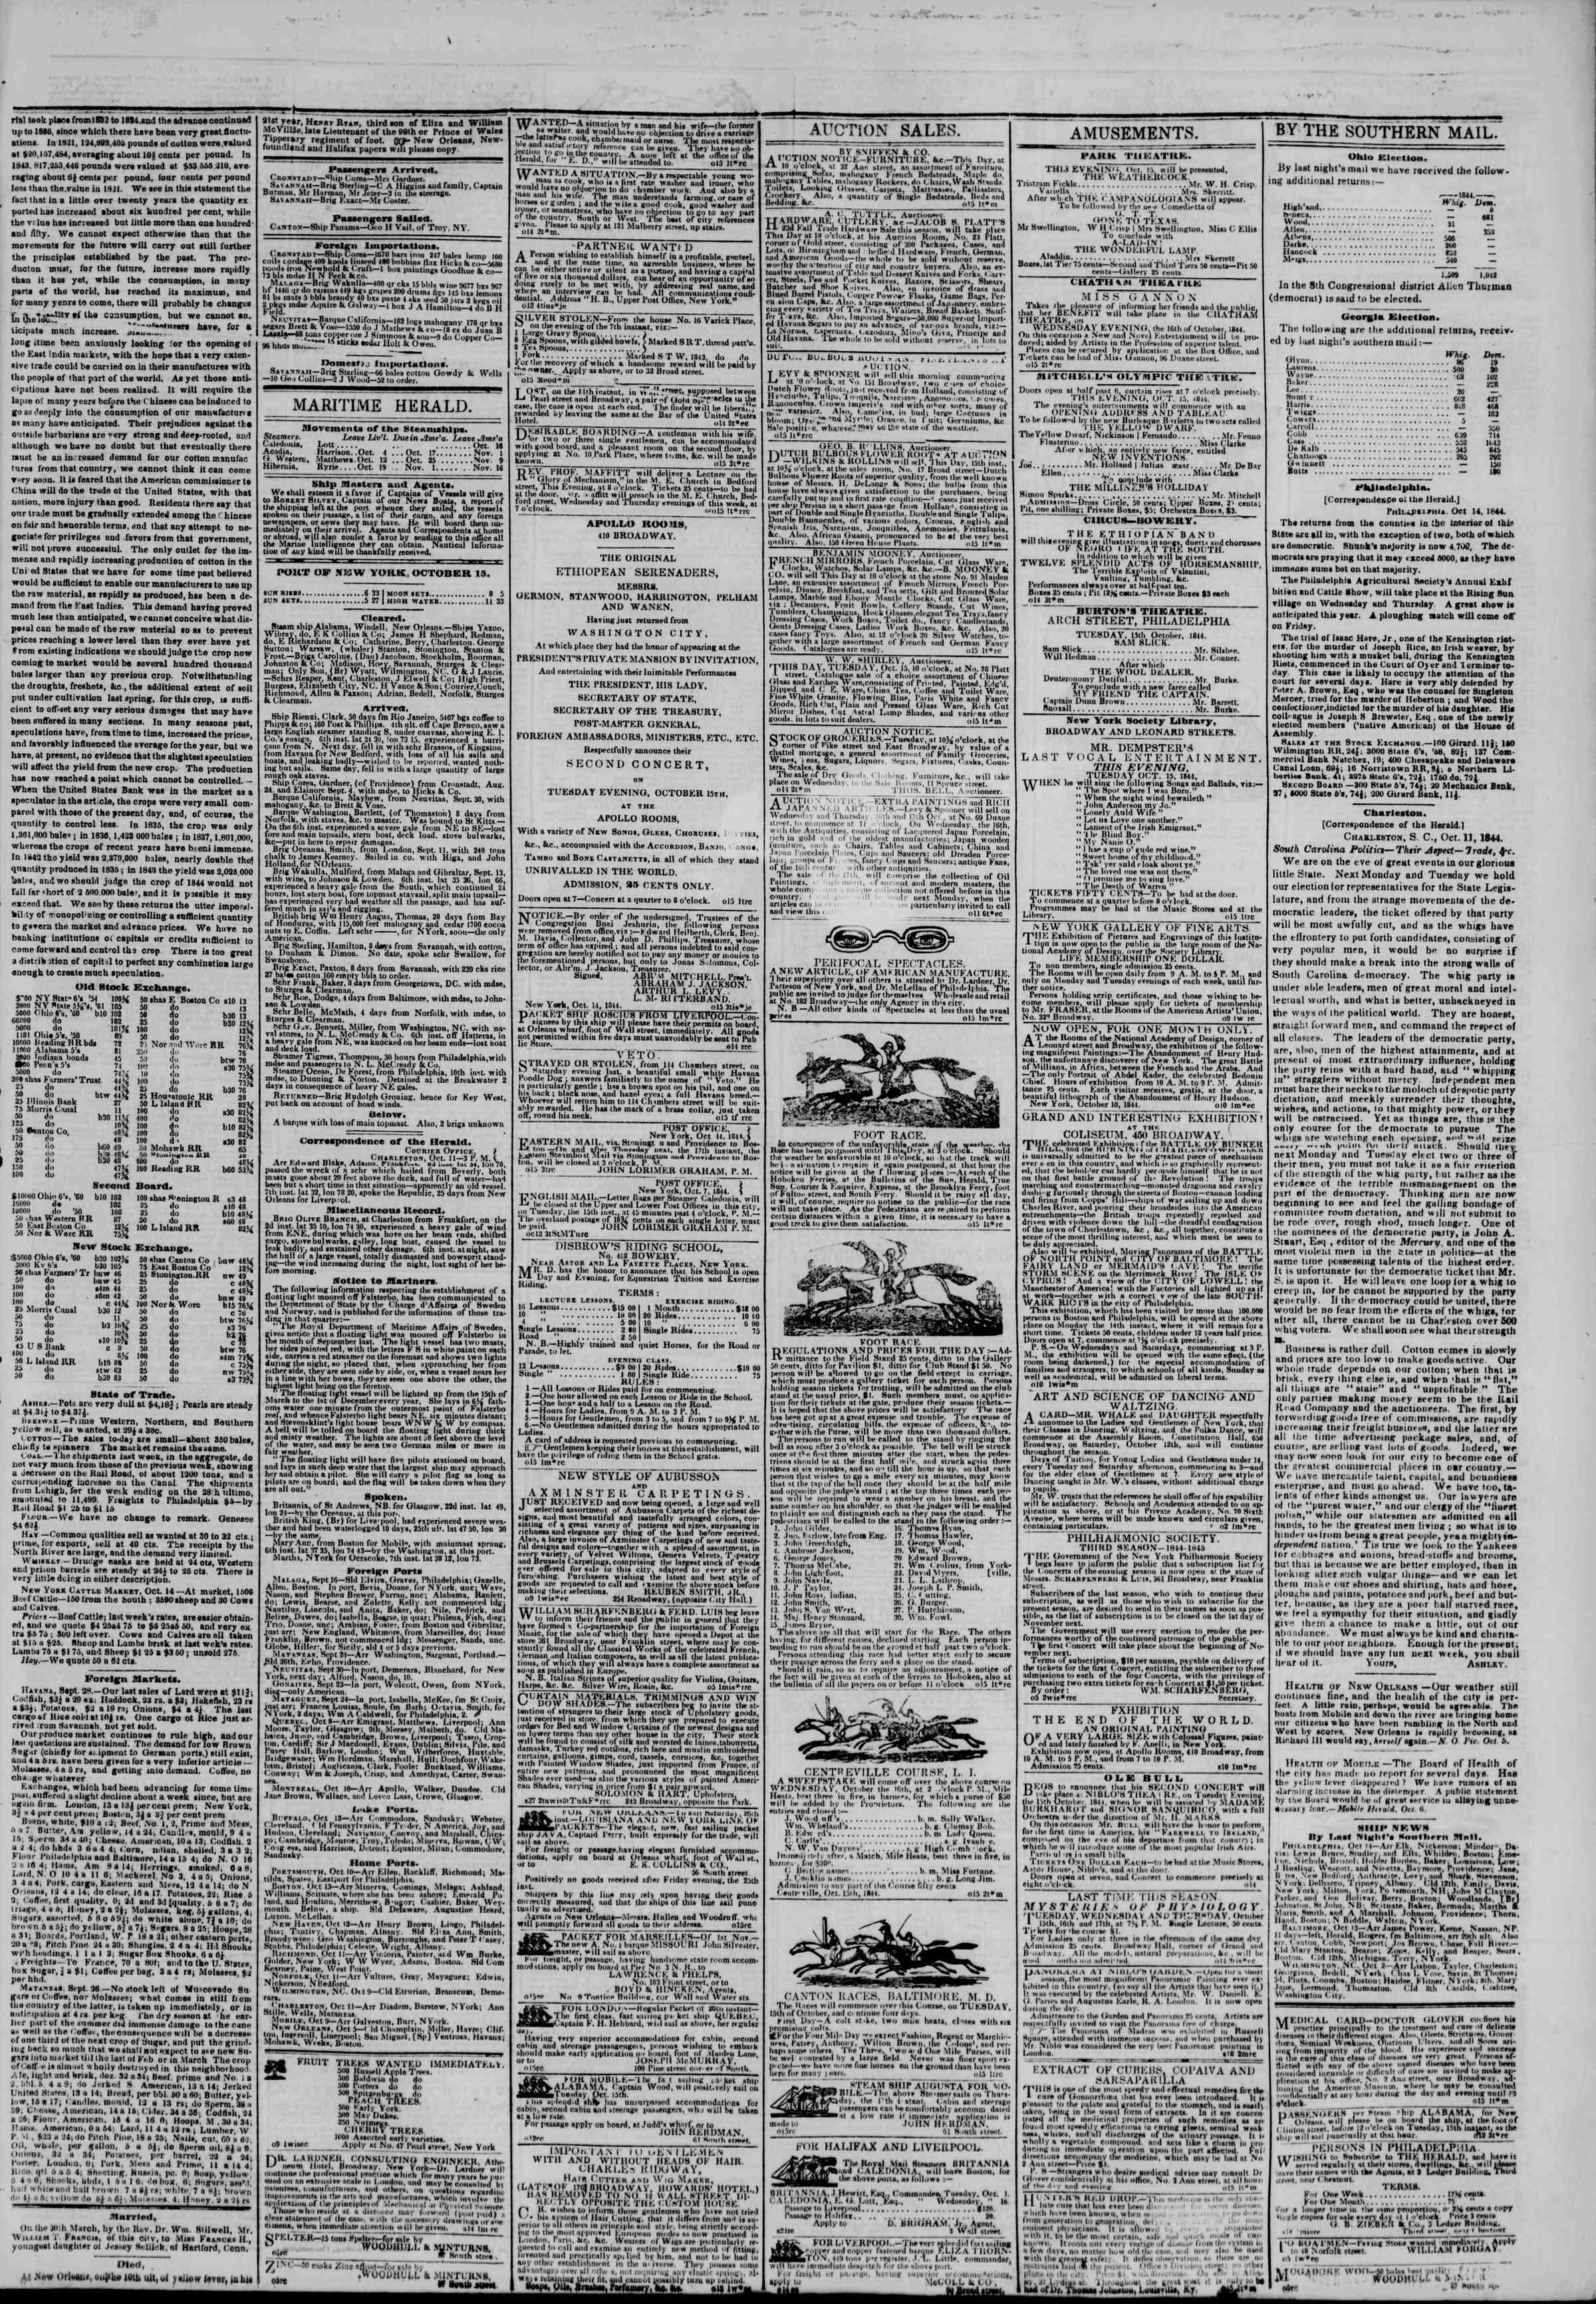 October 15, 1844 Tarihli The New York Herald Gazetesi Sayfa 3